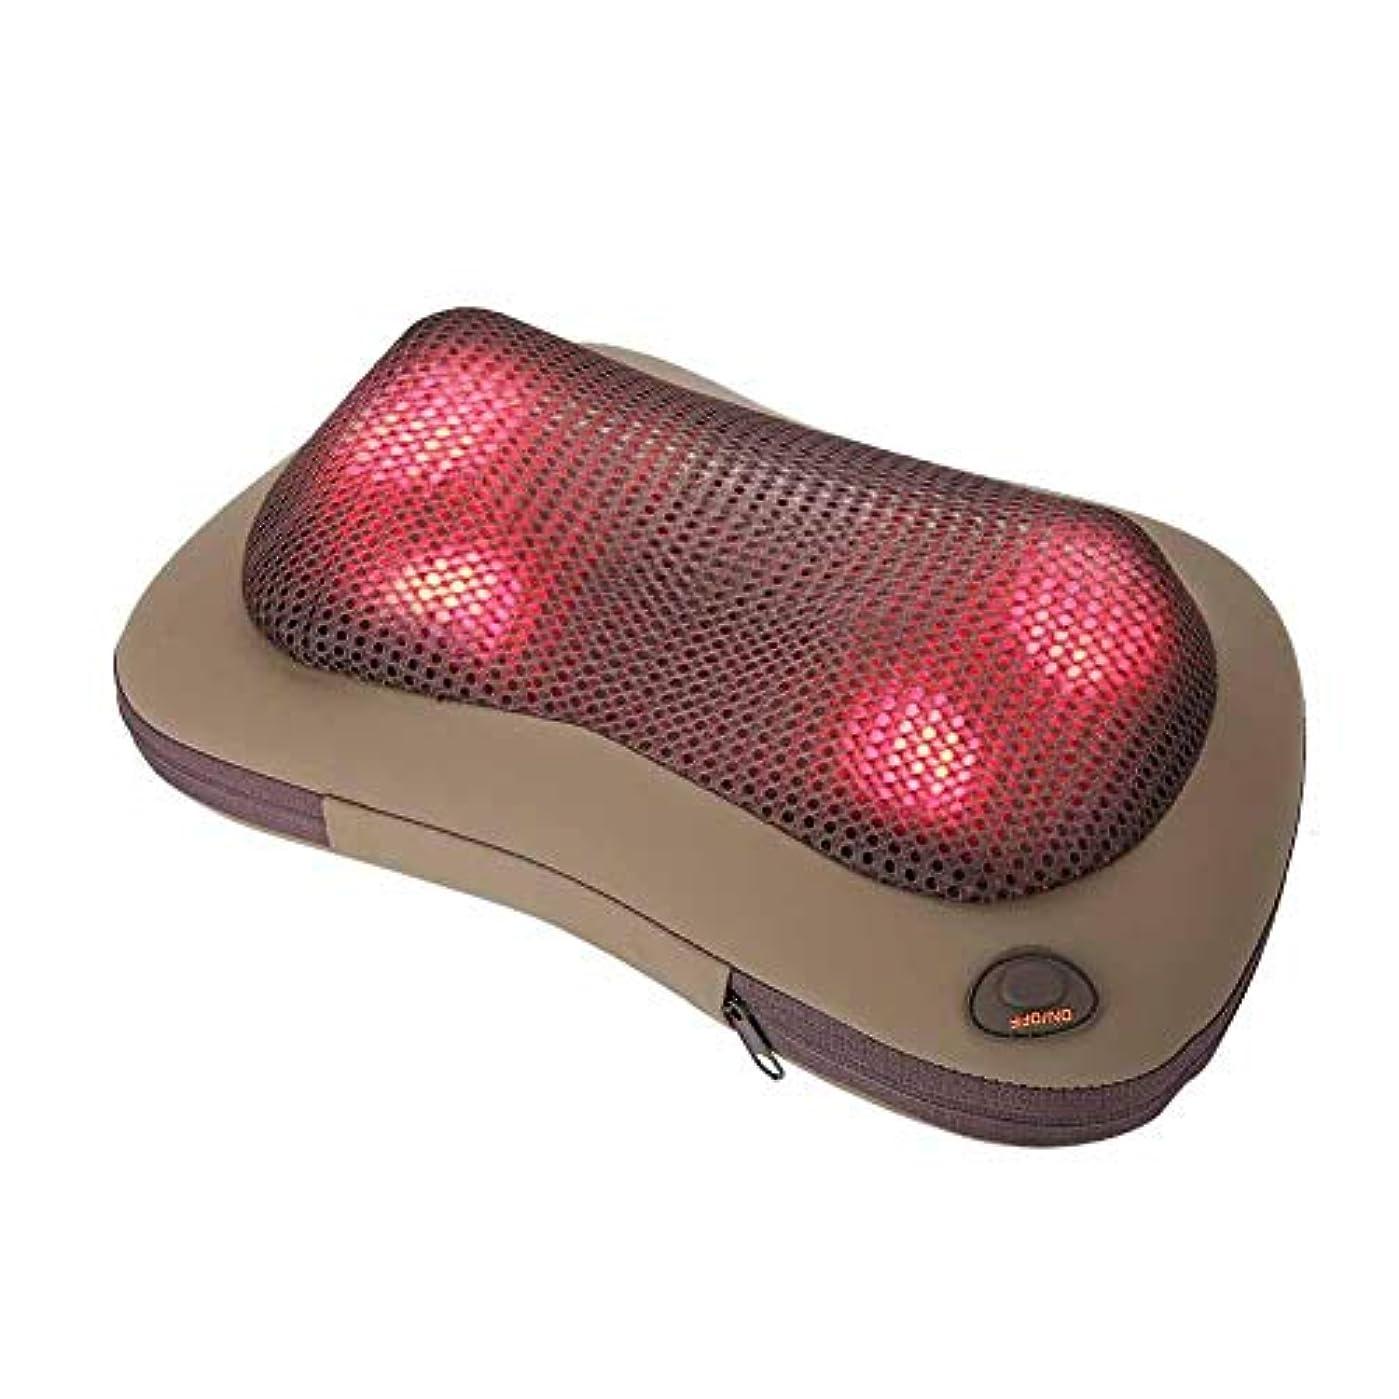 アカウント要求ストレージ携帯用 電気マッサージ 枕 暖房療法 首 ウエスト 足 腕 マッサージ用具(グレー)